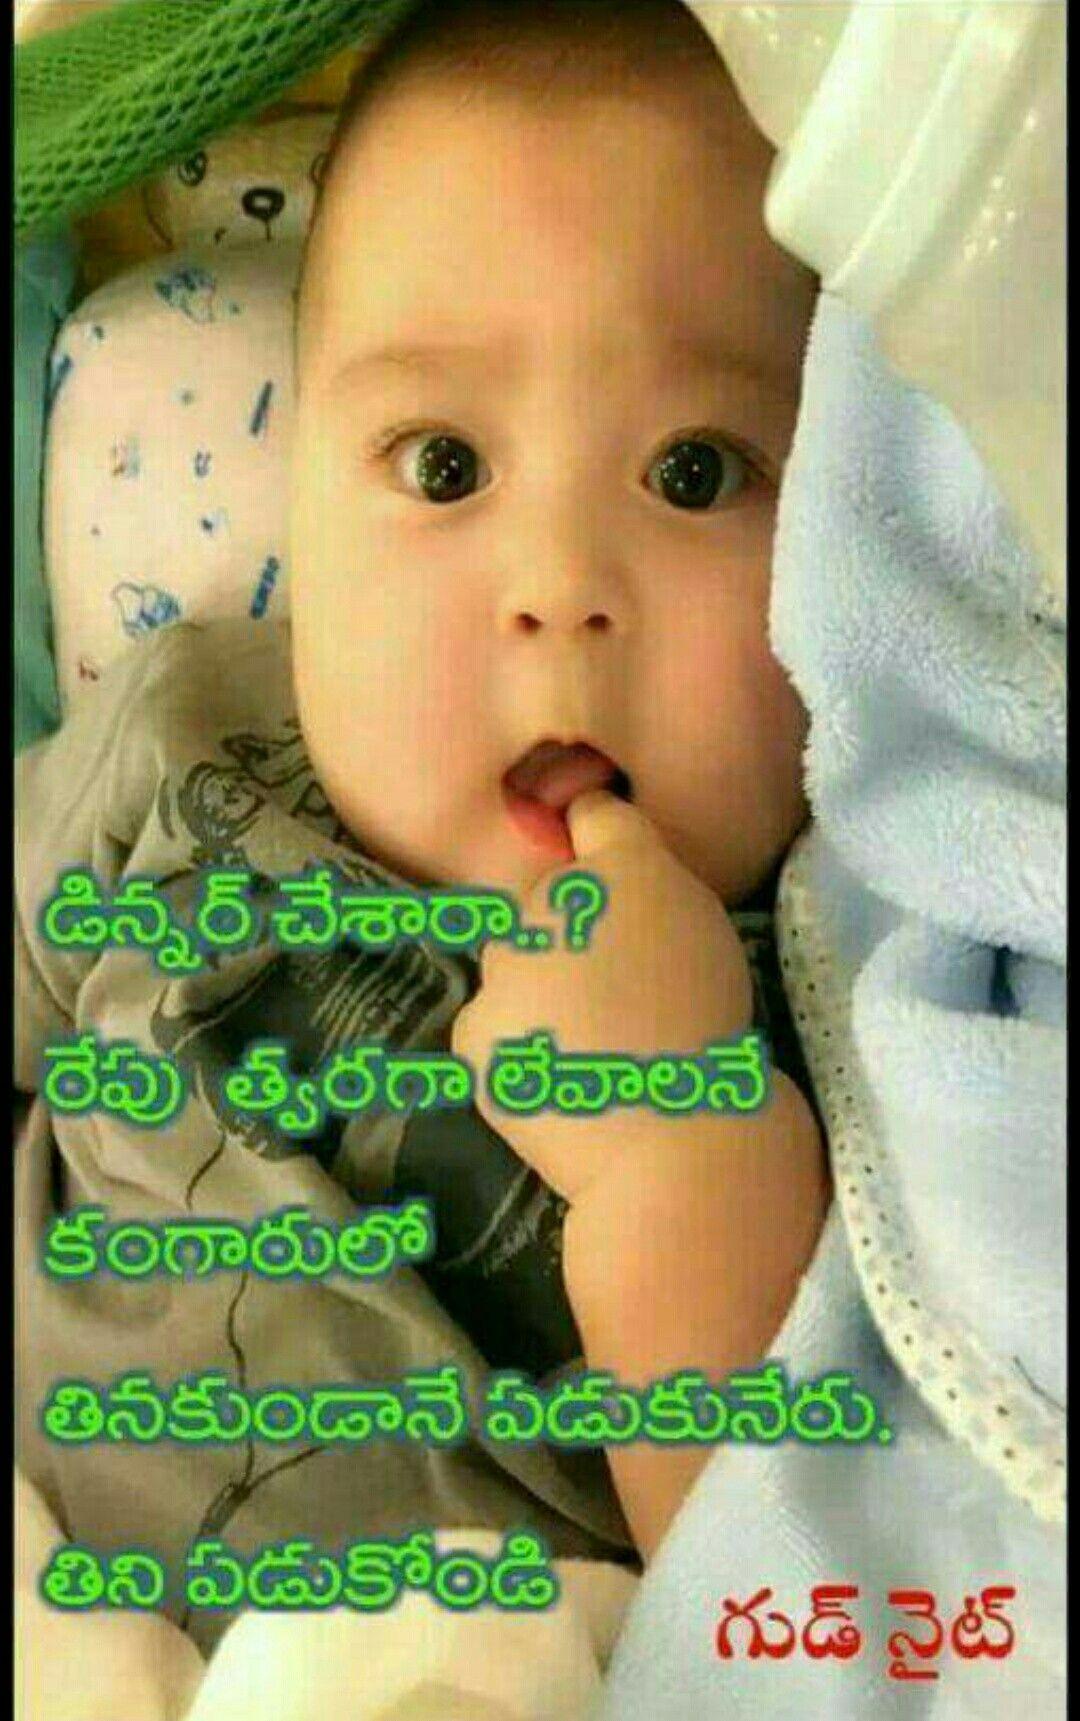 Pin By Bindu Balimidi On Night Good Night Quotes Good Night Wishes Good Night Funny